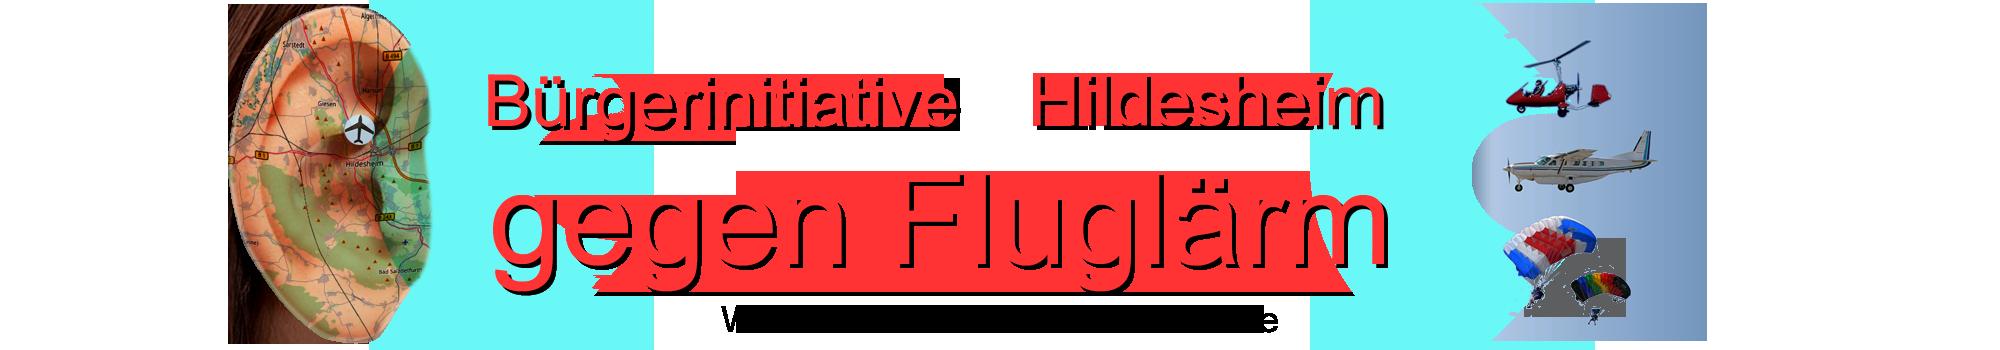 Bürgerinitiative Hildesheim gegen Fluglärm